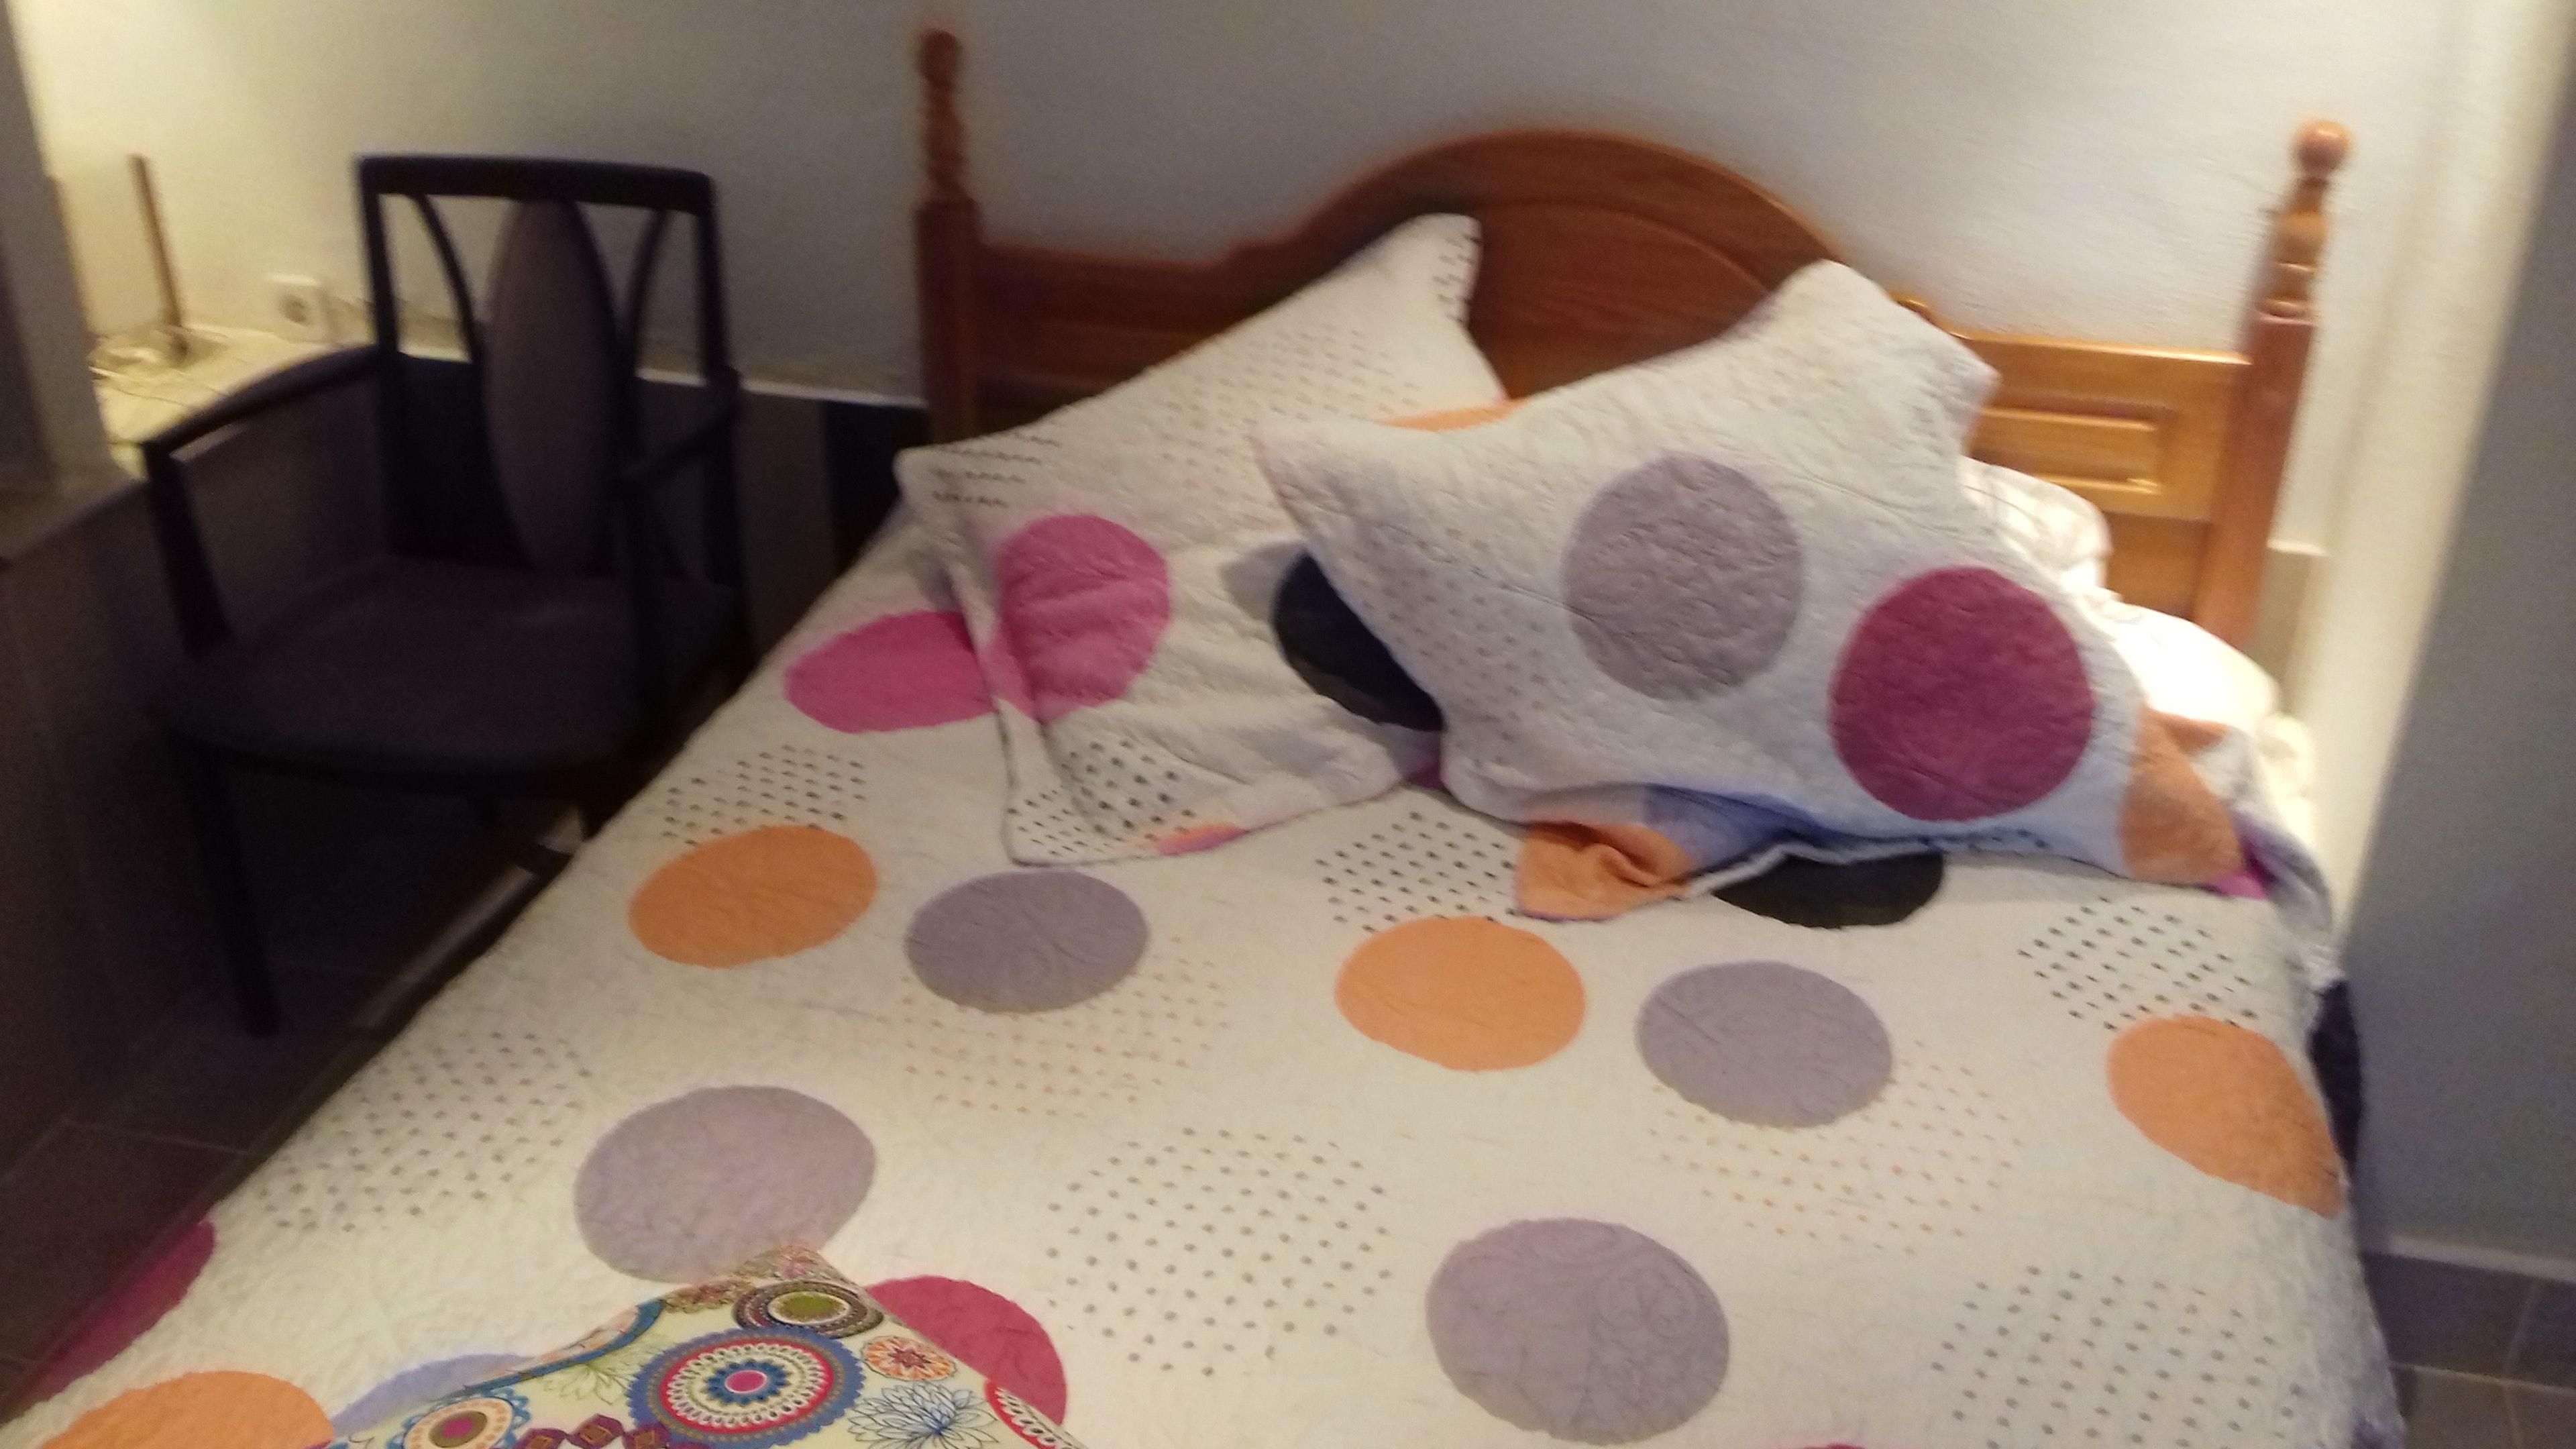 Appartement de vacances Wohnung mit 2 Schlafzimmern in Mazarrón mit toller Aussicht auf die Berge, privatem Pool,  (2632538), Mazarron, Costa Calida, Murcie, Espagne, image 18